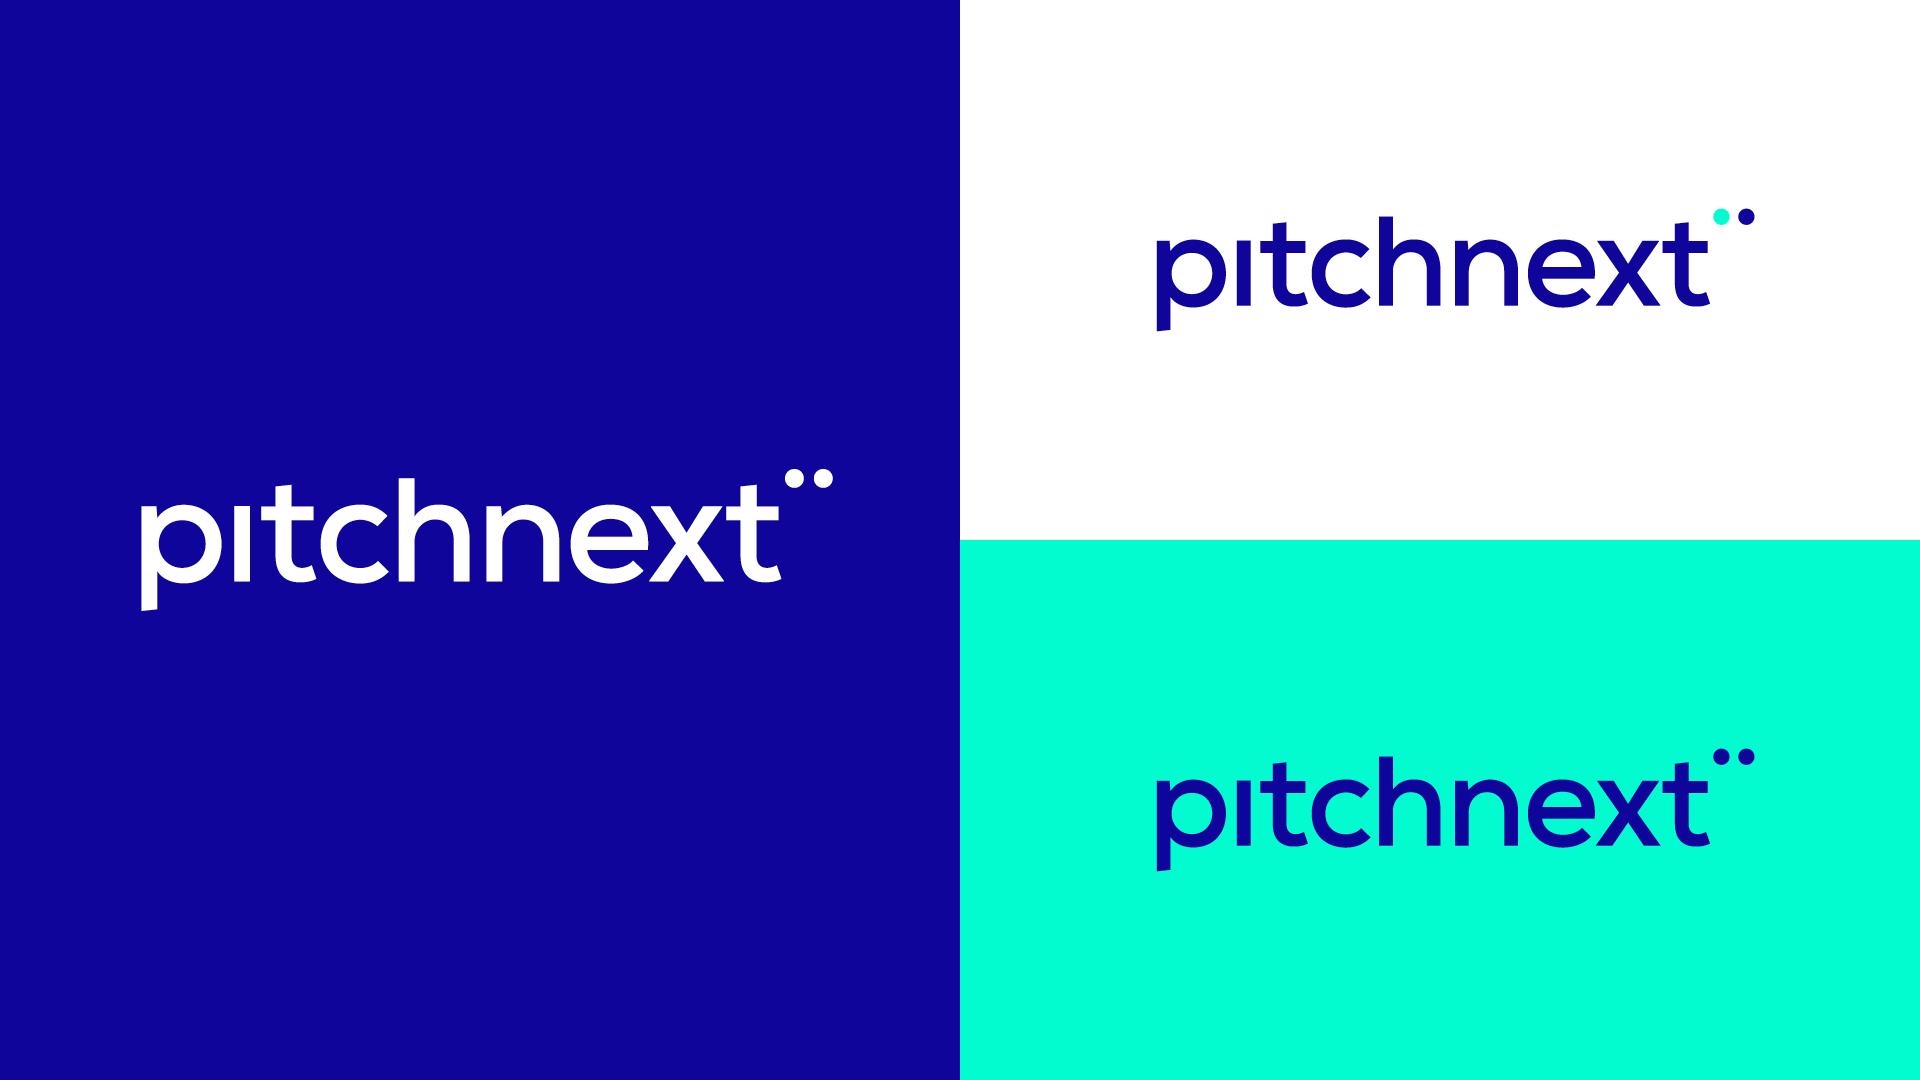 VISEE_Pitchnext_CD-Entwicklung_Praesentation_v0111